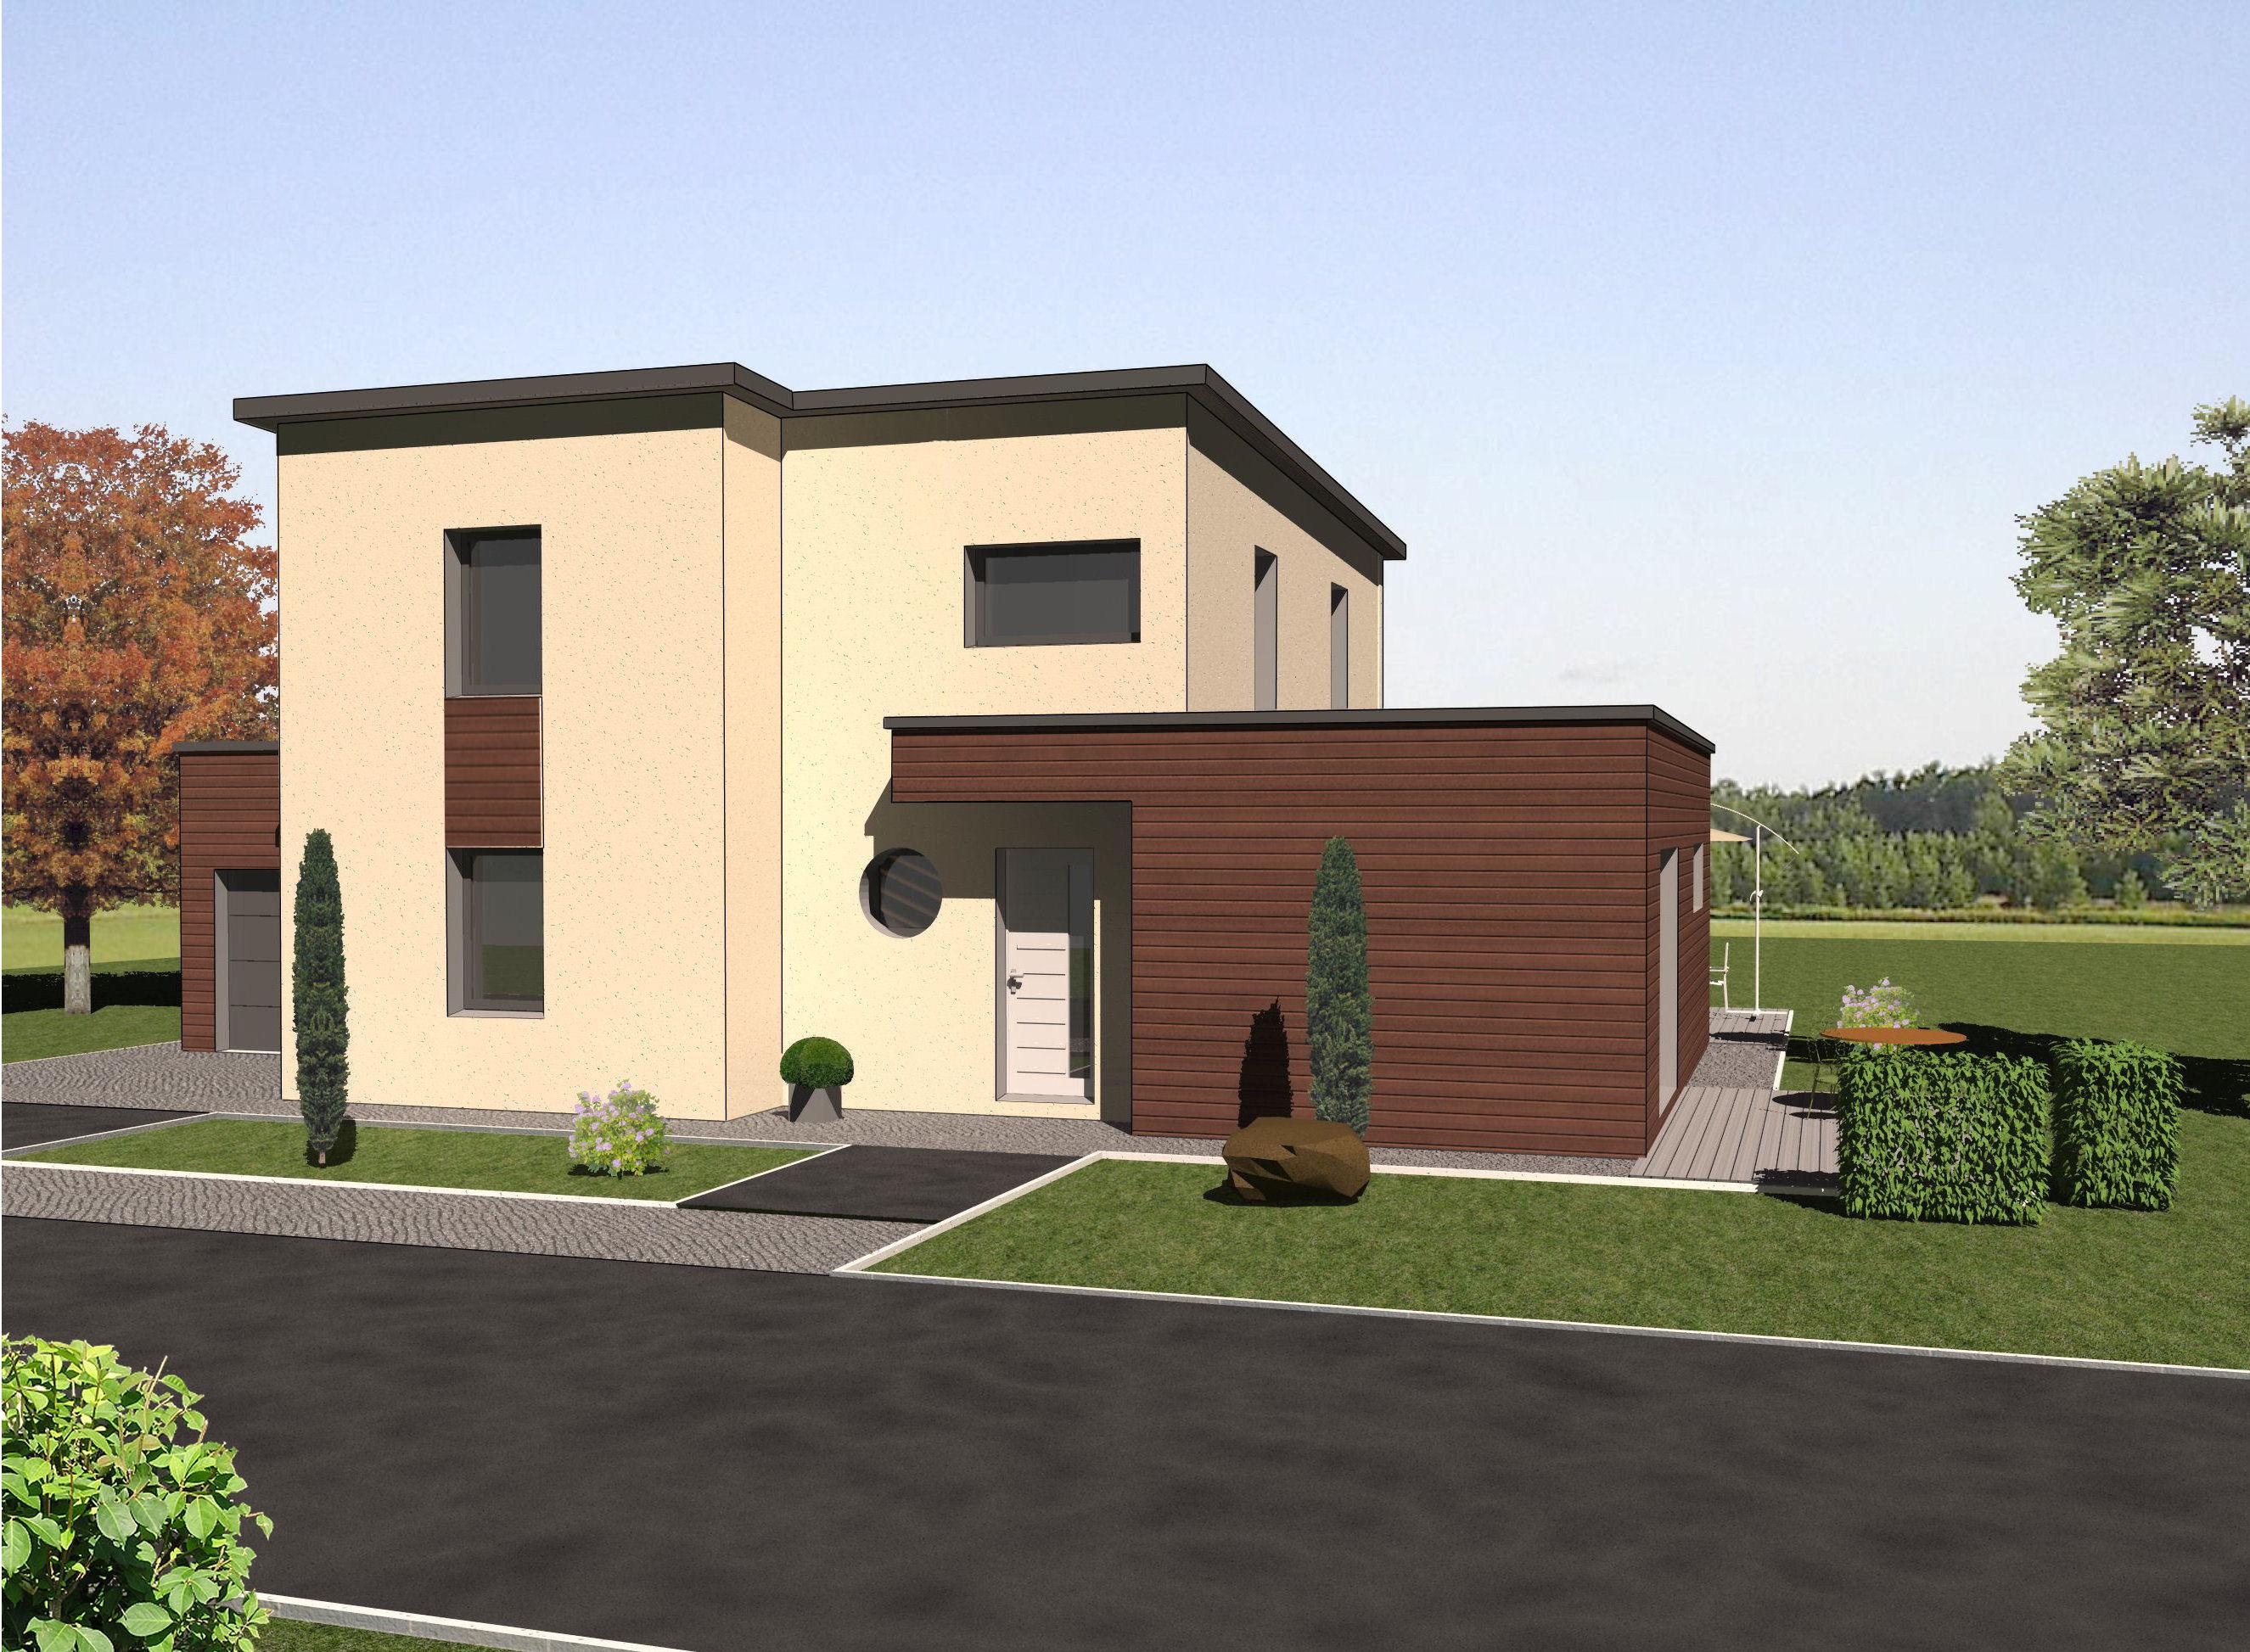 Les maisons ossature bois tages mod le frene bois et vie for Modele maison ossature bois